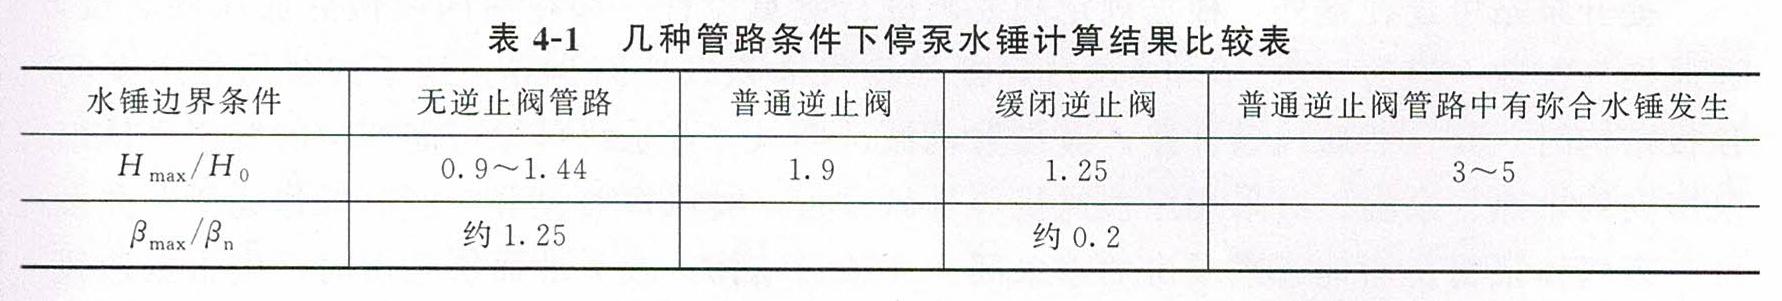 几种管路条件下停泵水锤计算结果比较表